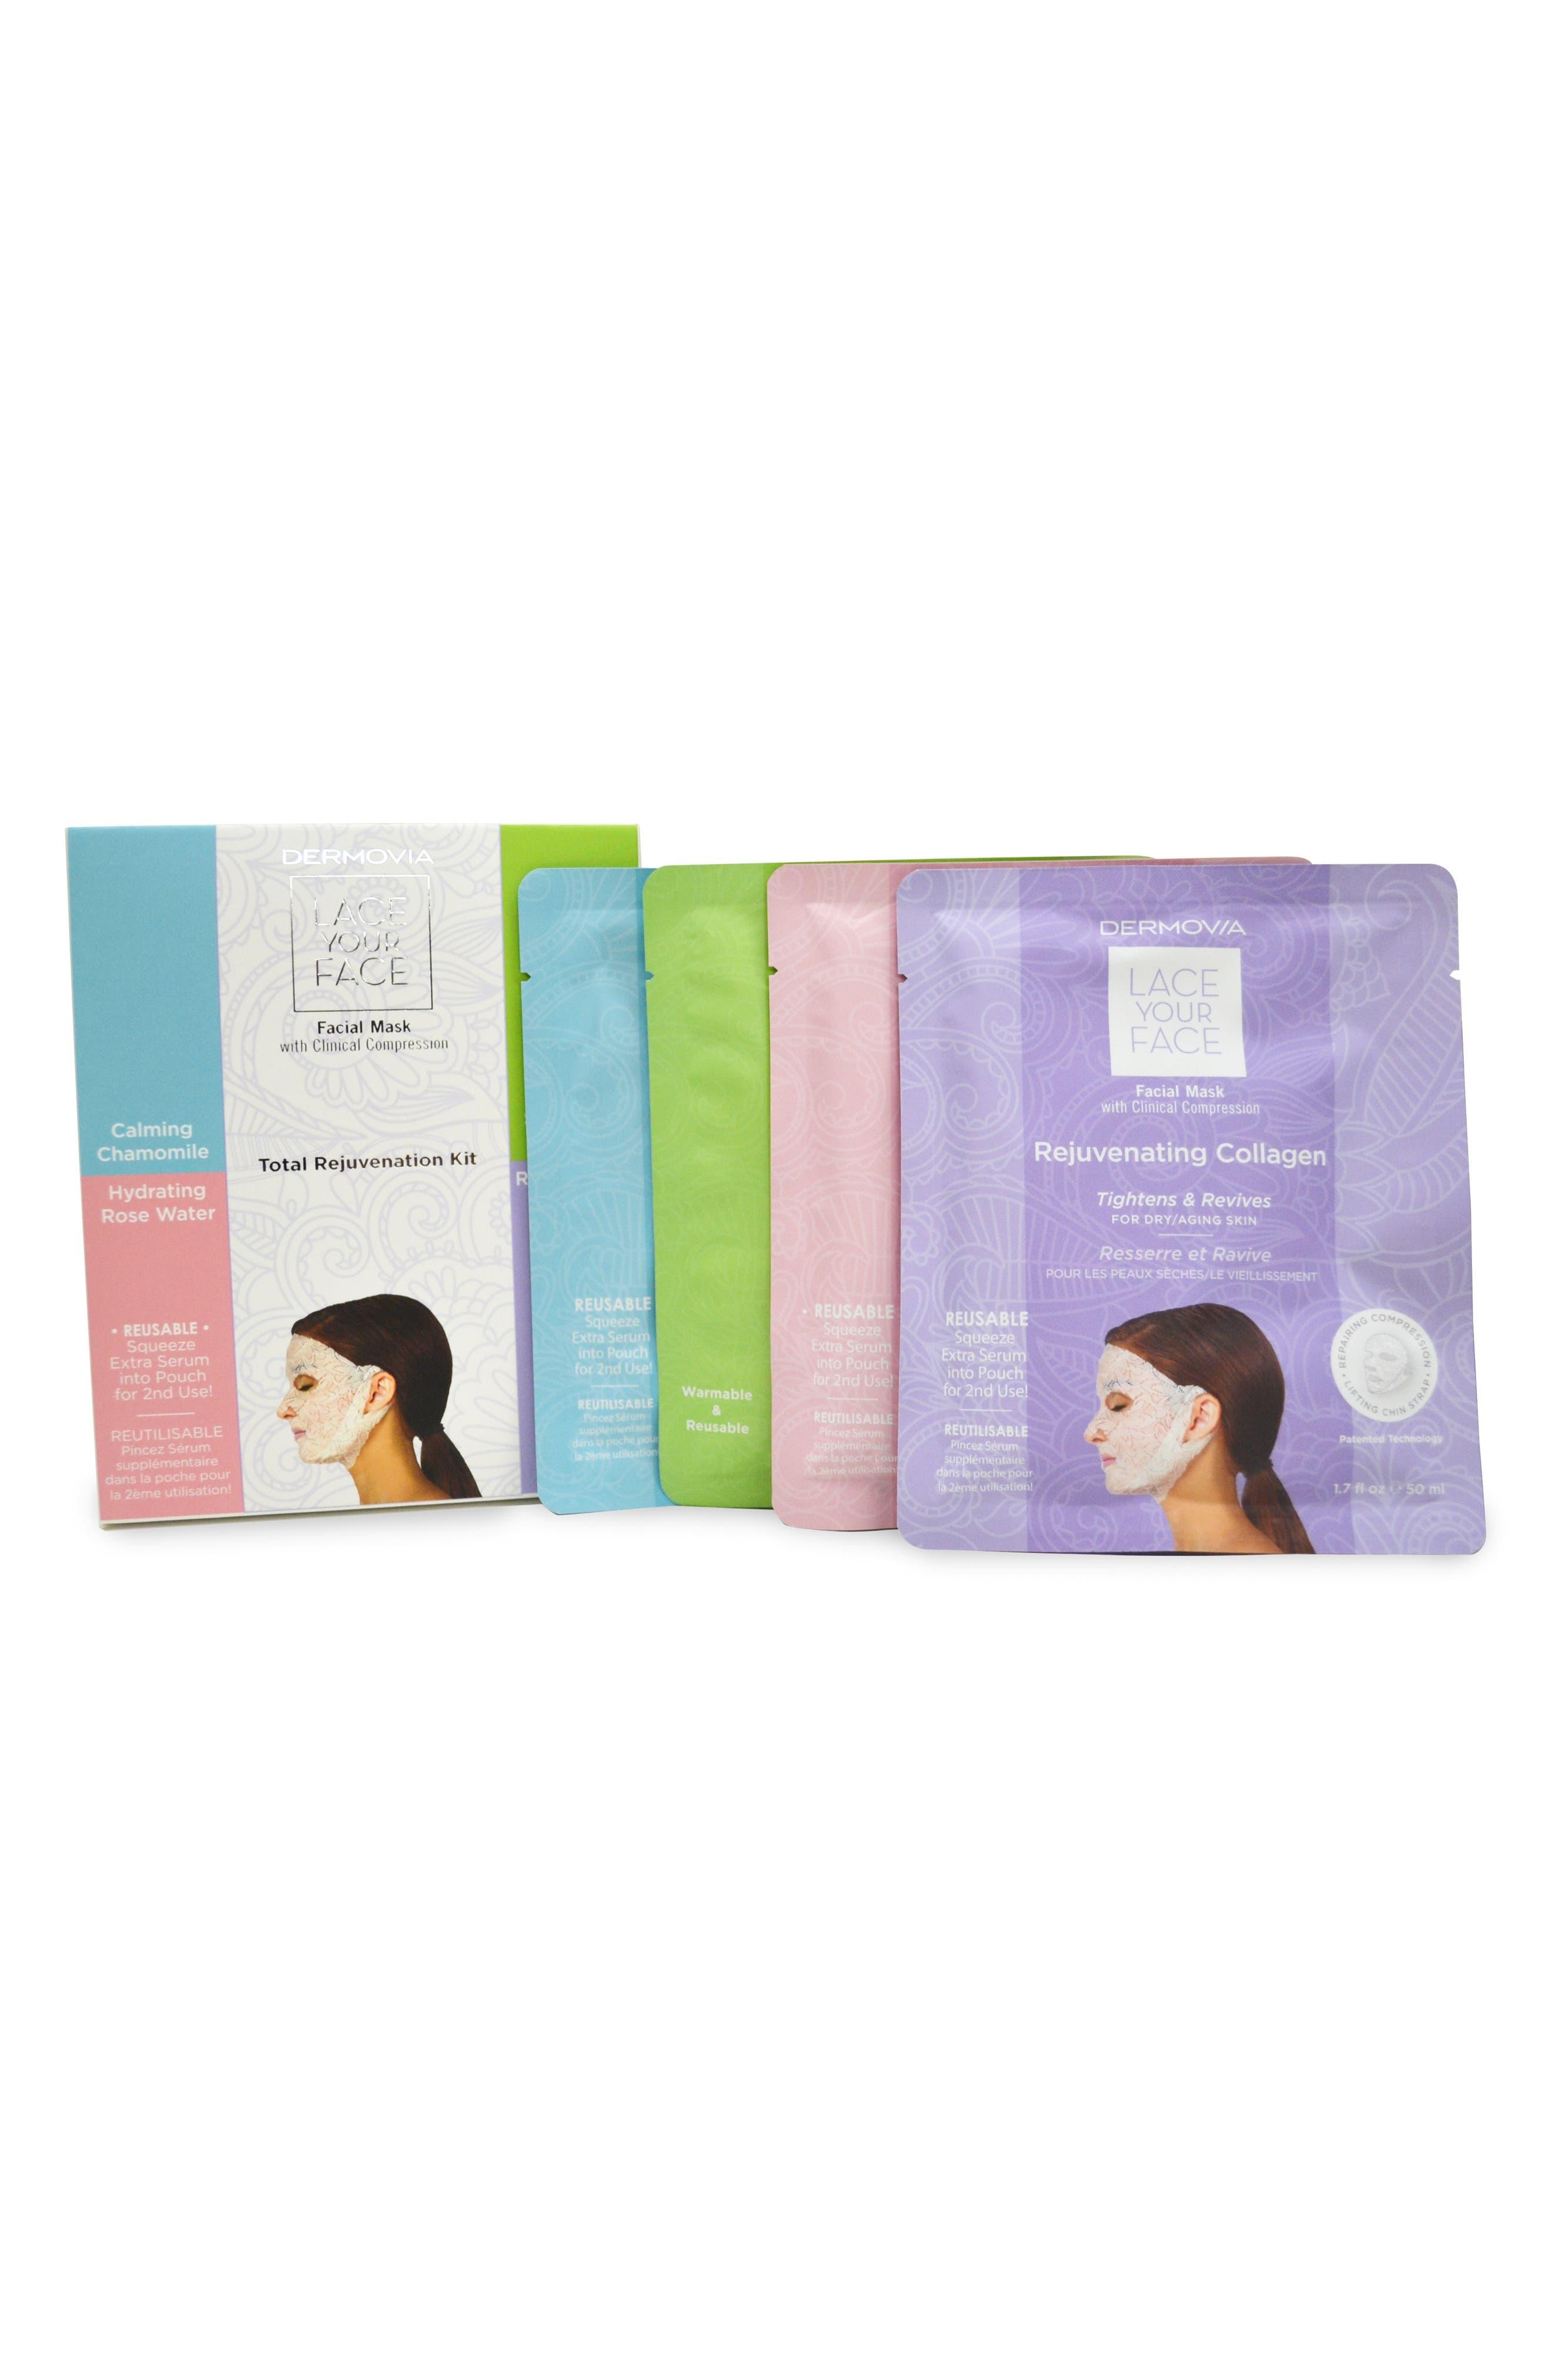 Dermovia Lace Your Face Total Rejuvenation Kit ($60 Value)